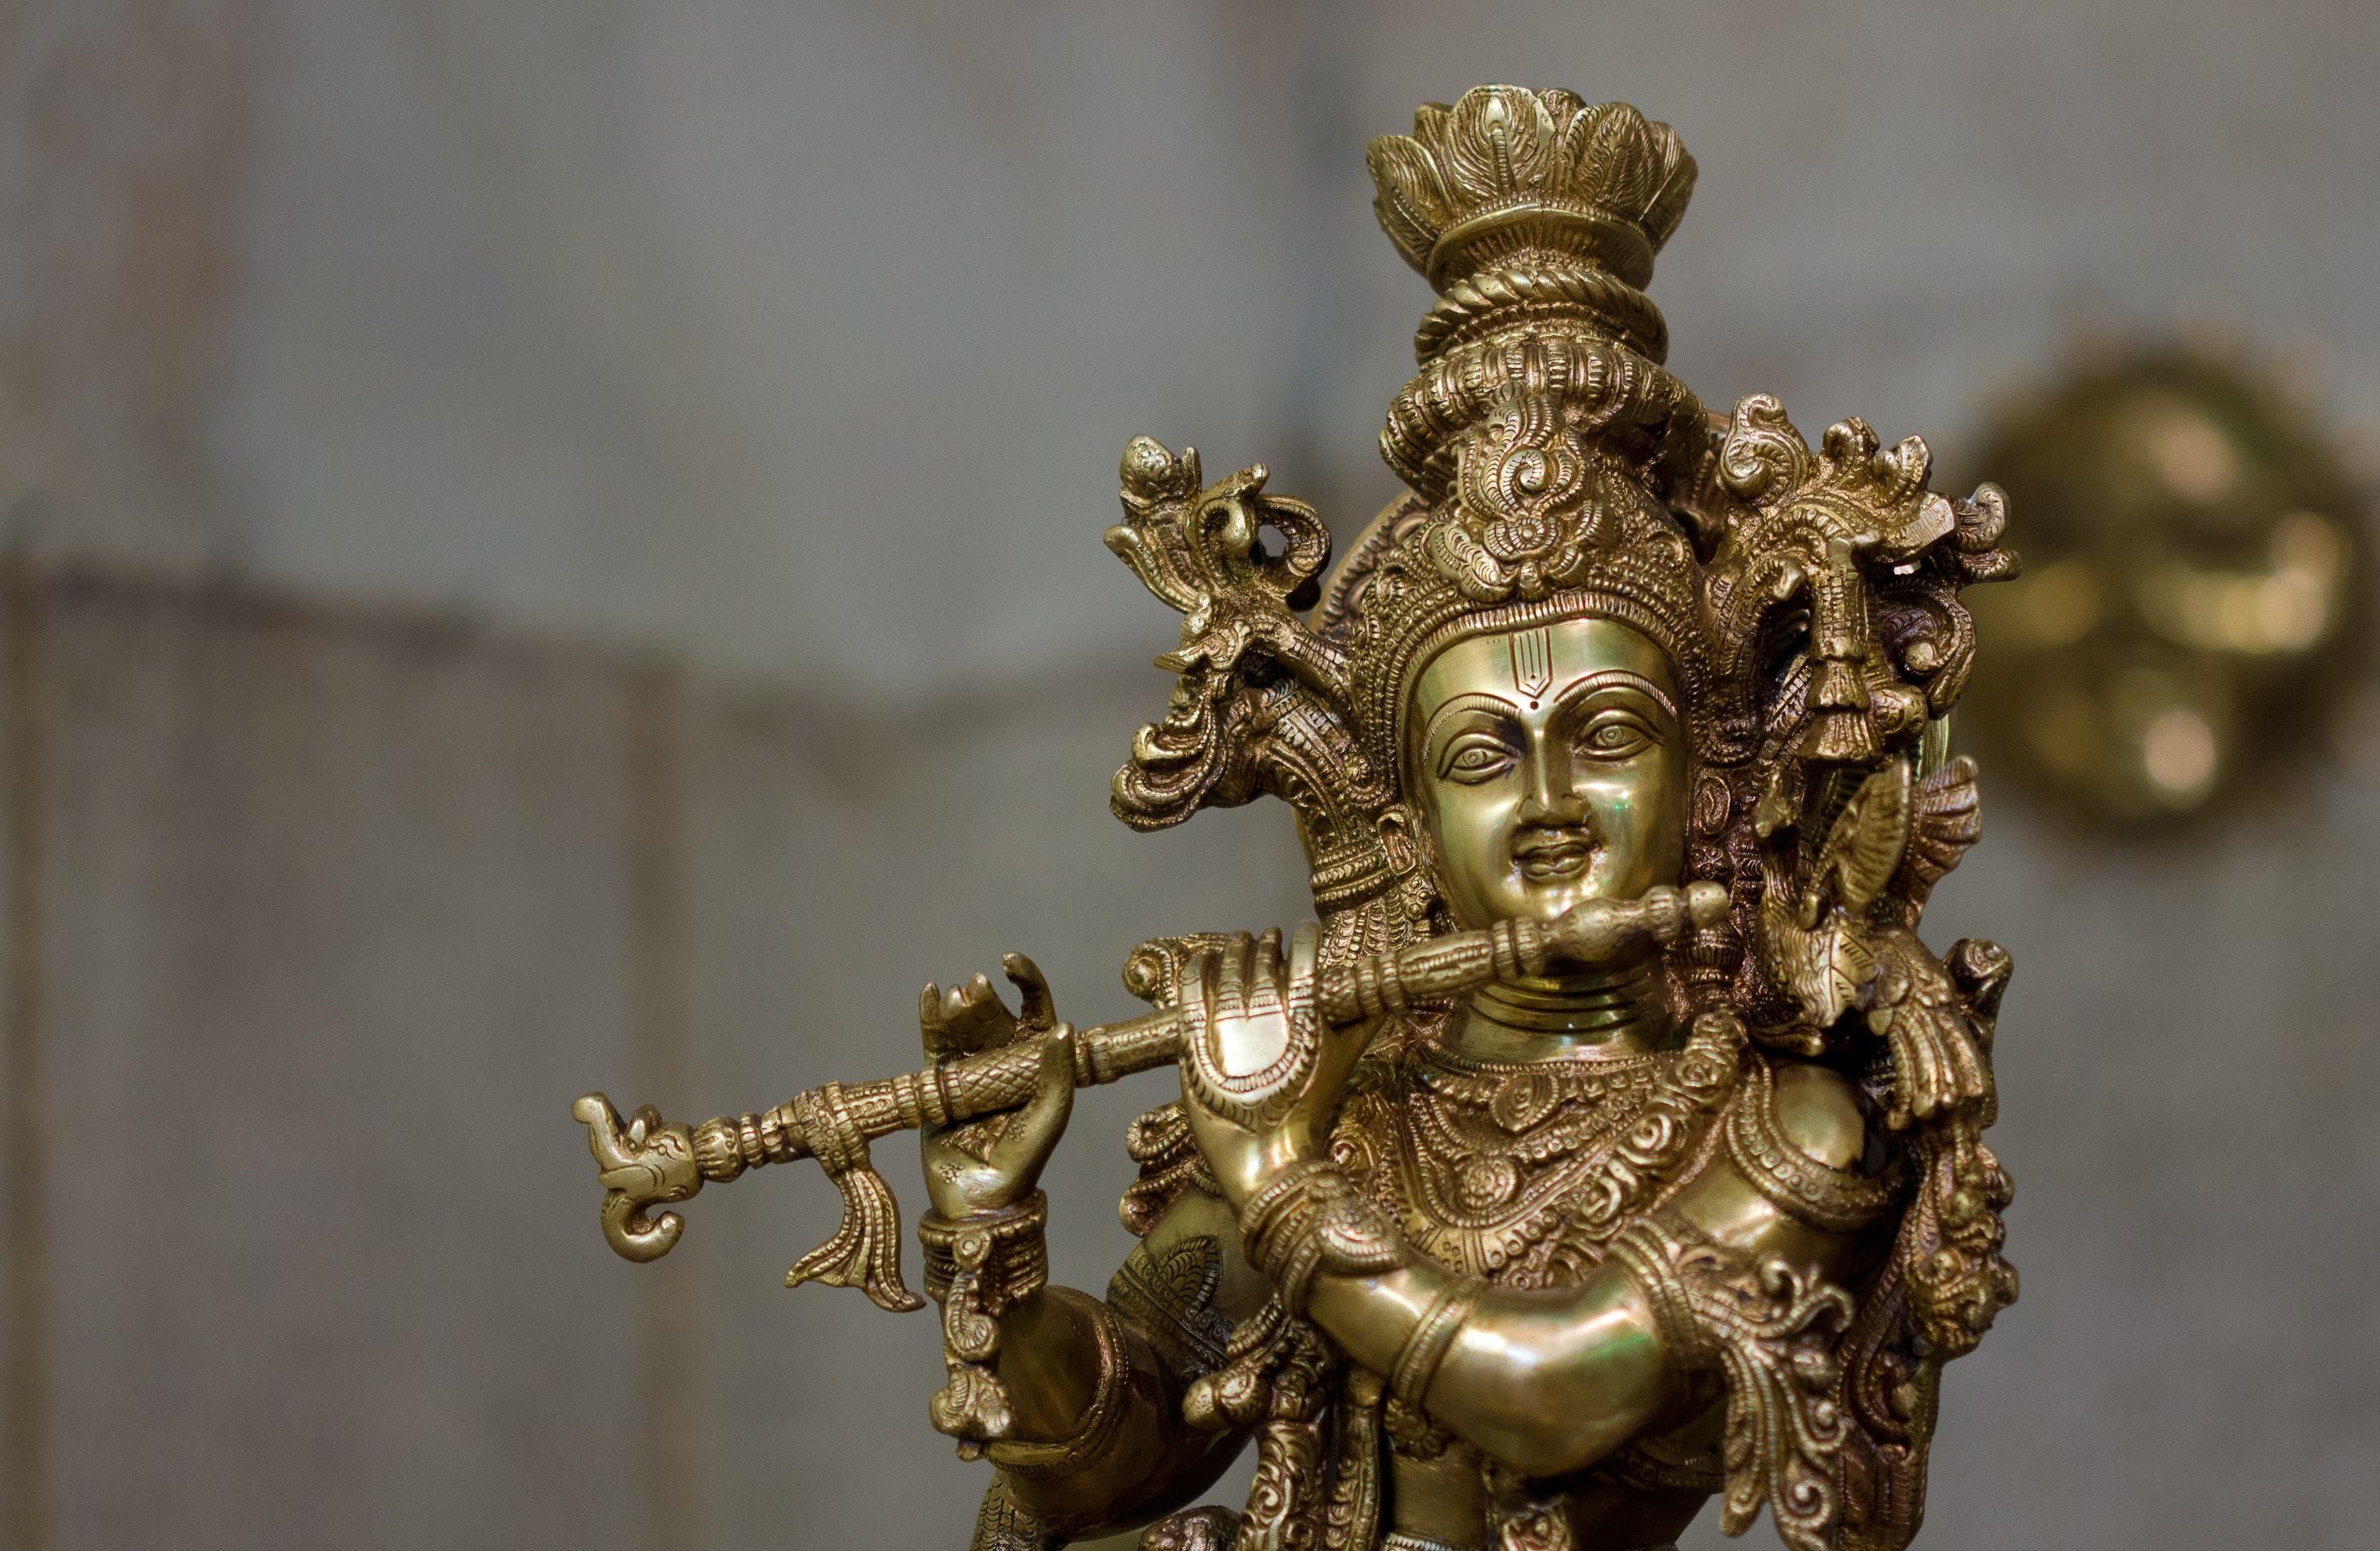 pexels photo 102314.jpeg?cs=srgb&dl=idol india lord krishna religion 102314